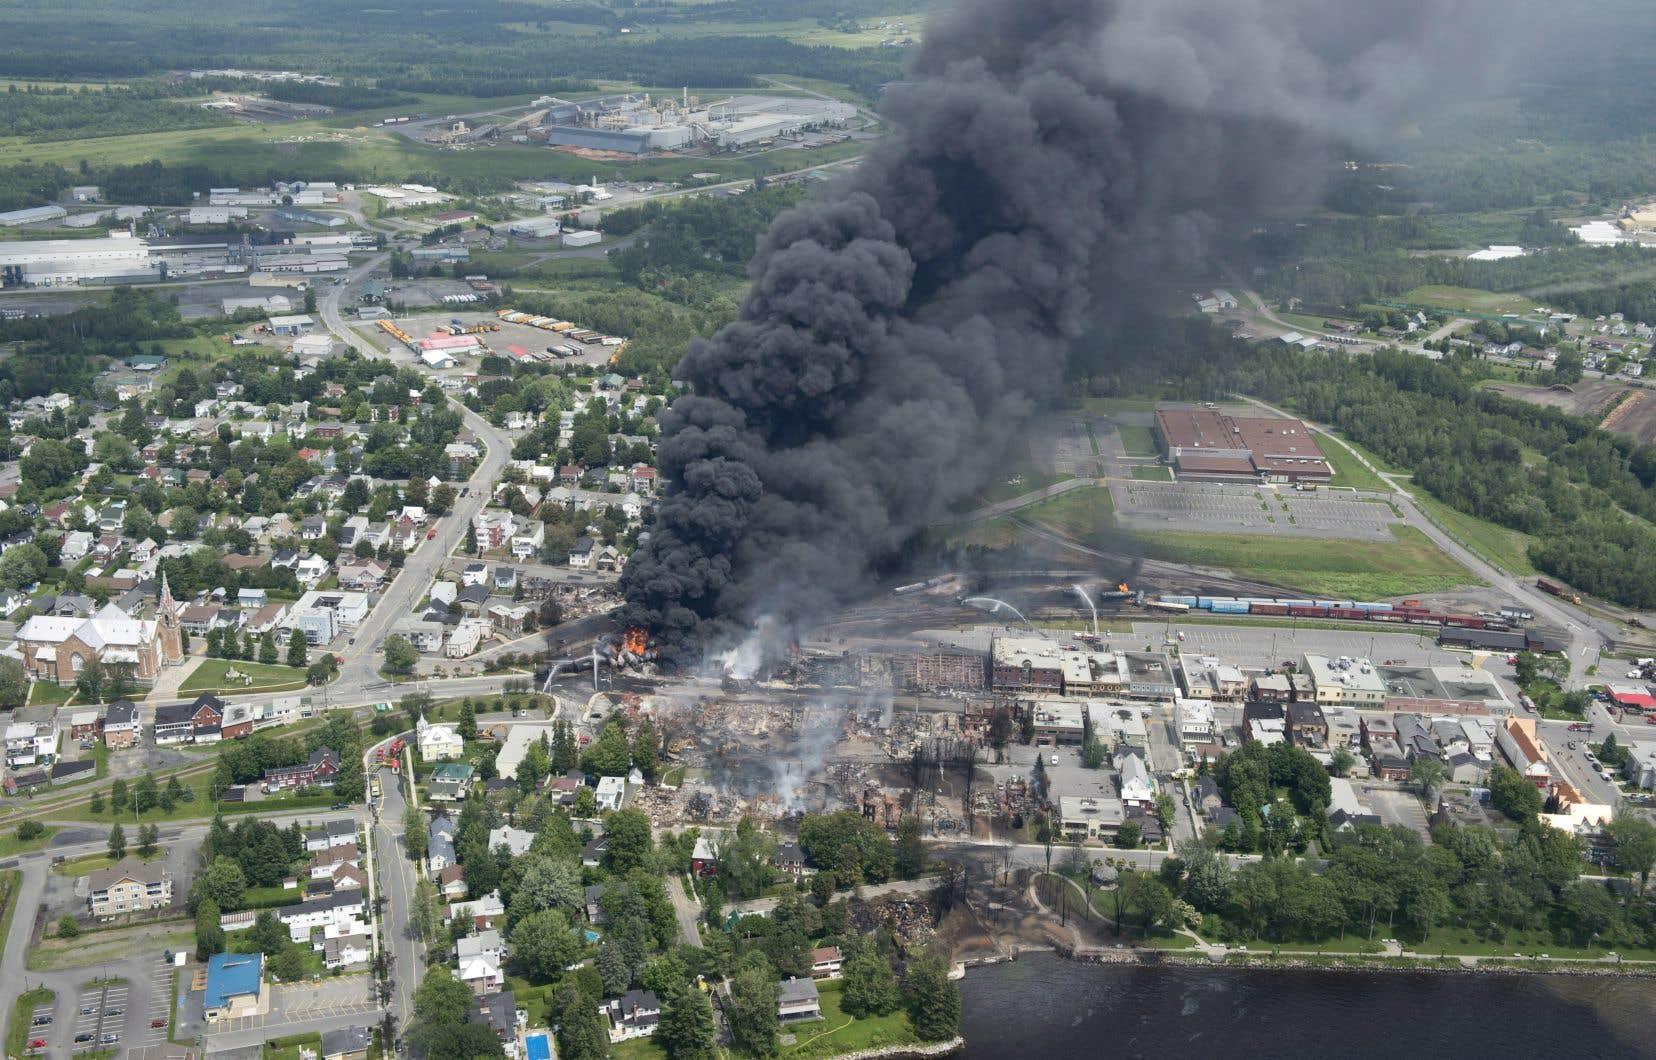 Le 6juillet 2013, un train transportant du pétrole a déraillé, provoquant une explosion mortelle qui a aussi détruit le centre-ville de Lac-Mégantic.